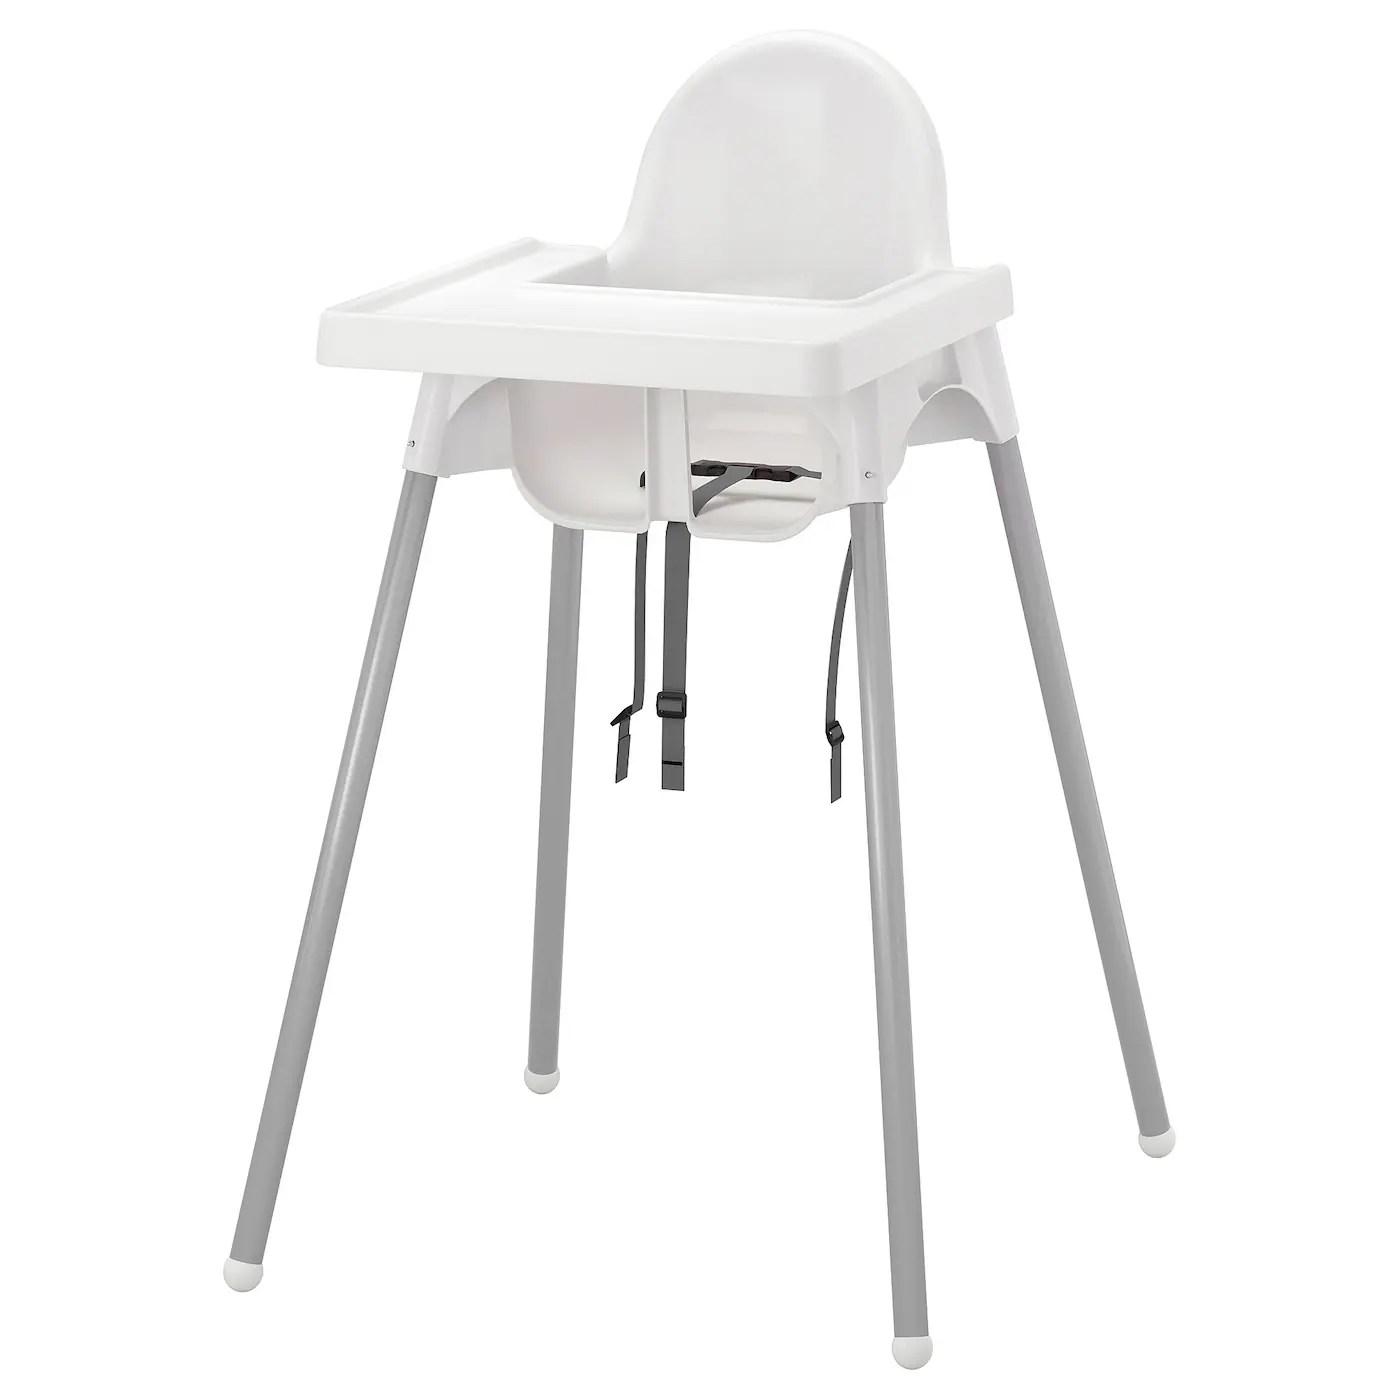 Antilop Structure Chaise Haute Tablette Couleur Argent Blanc Couleur Argent Ikea